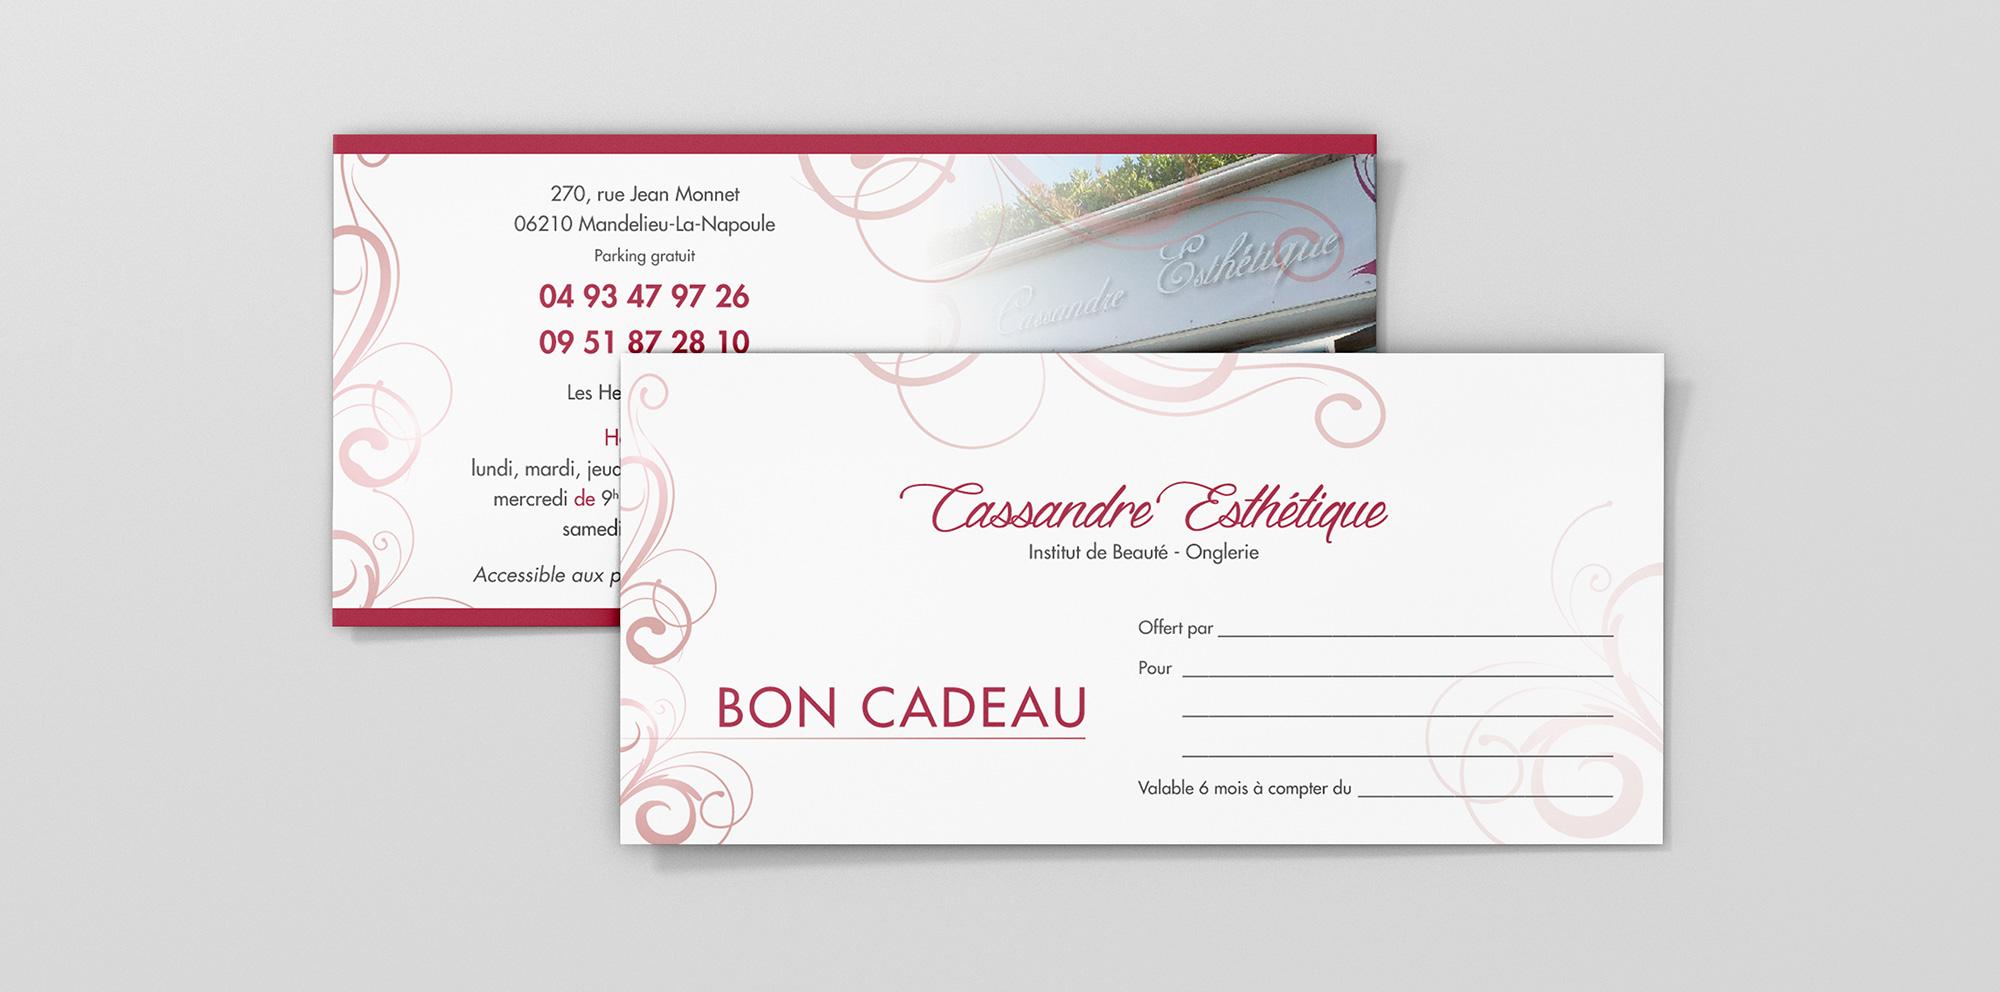 Bon-Cadeau-Cassandre